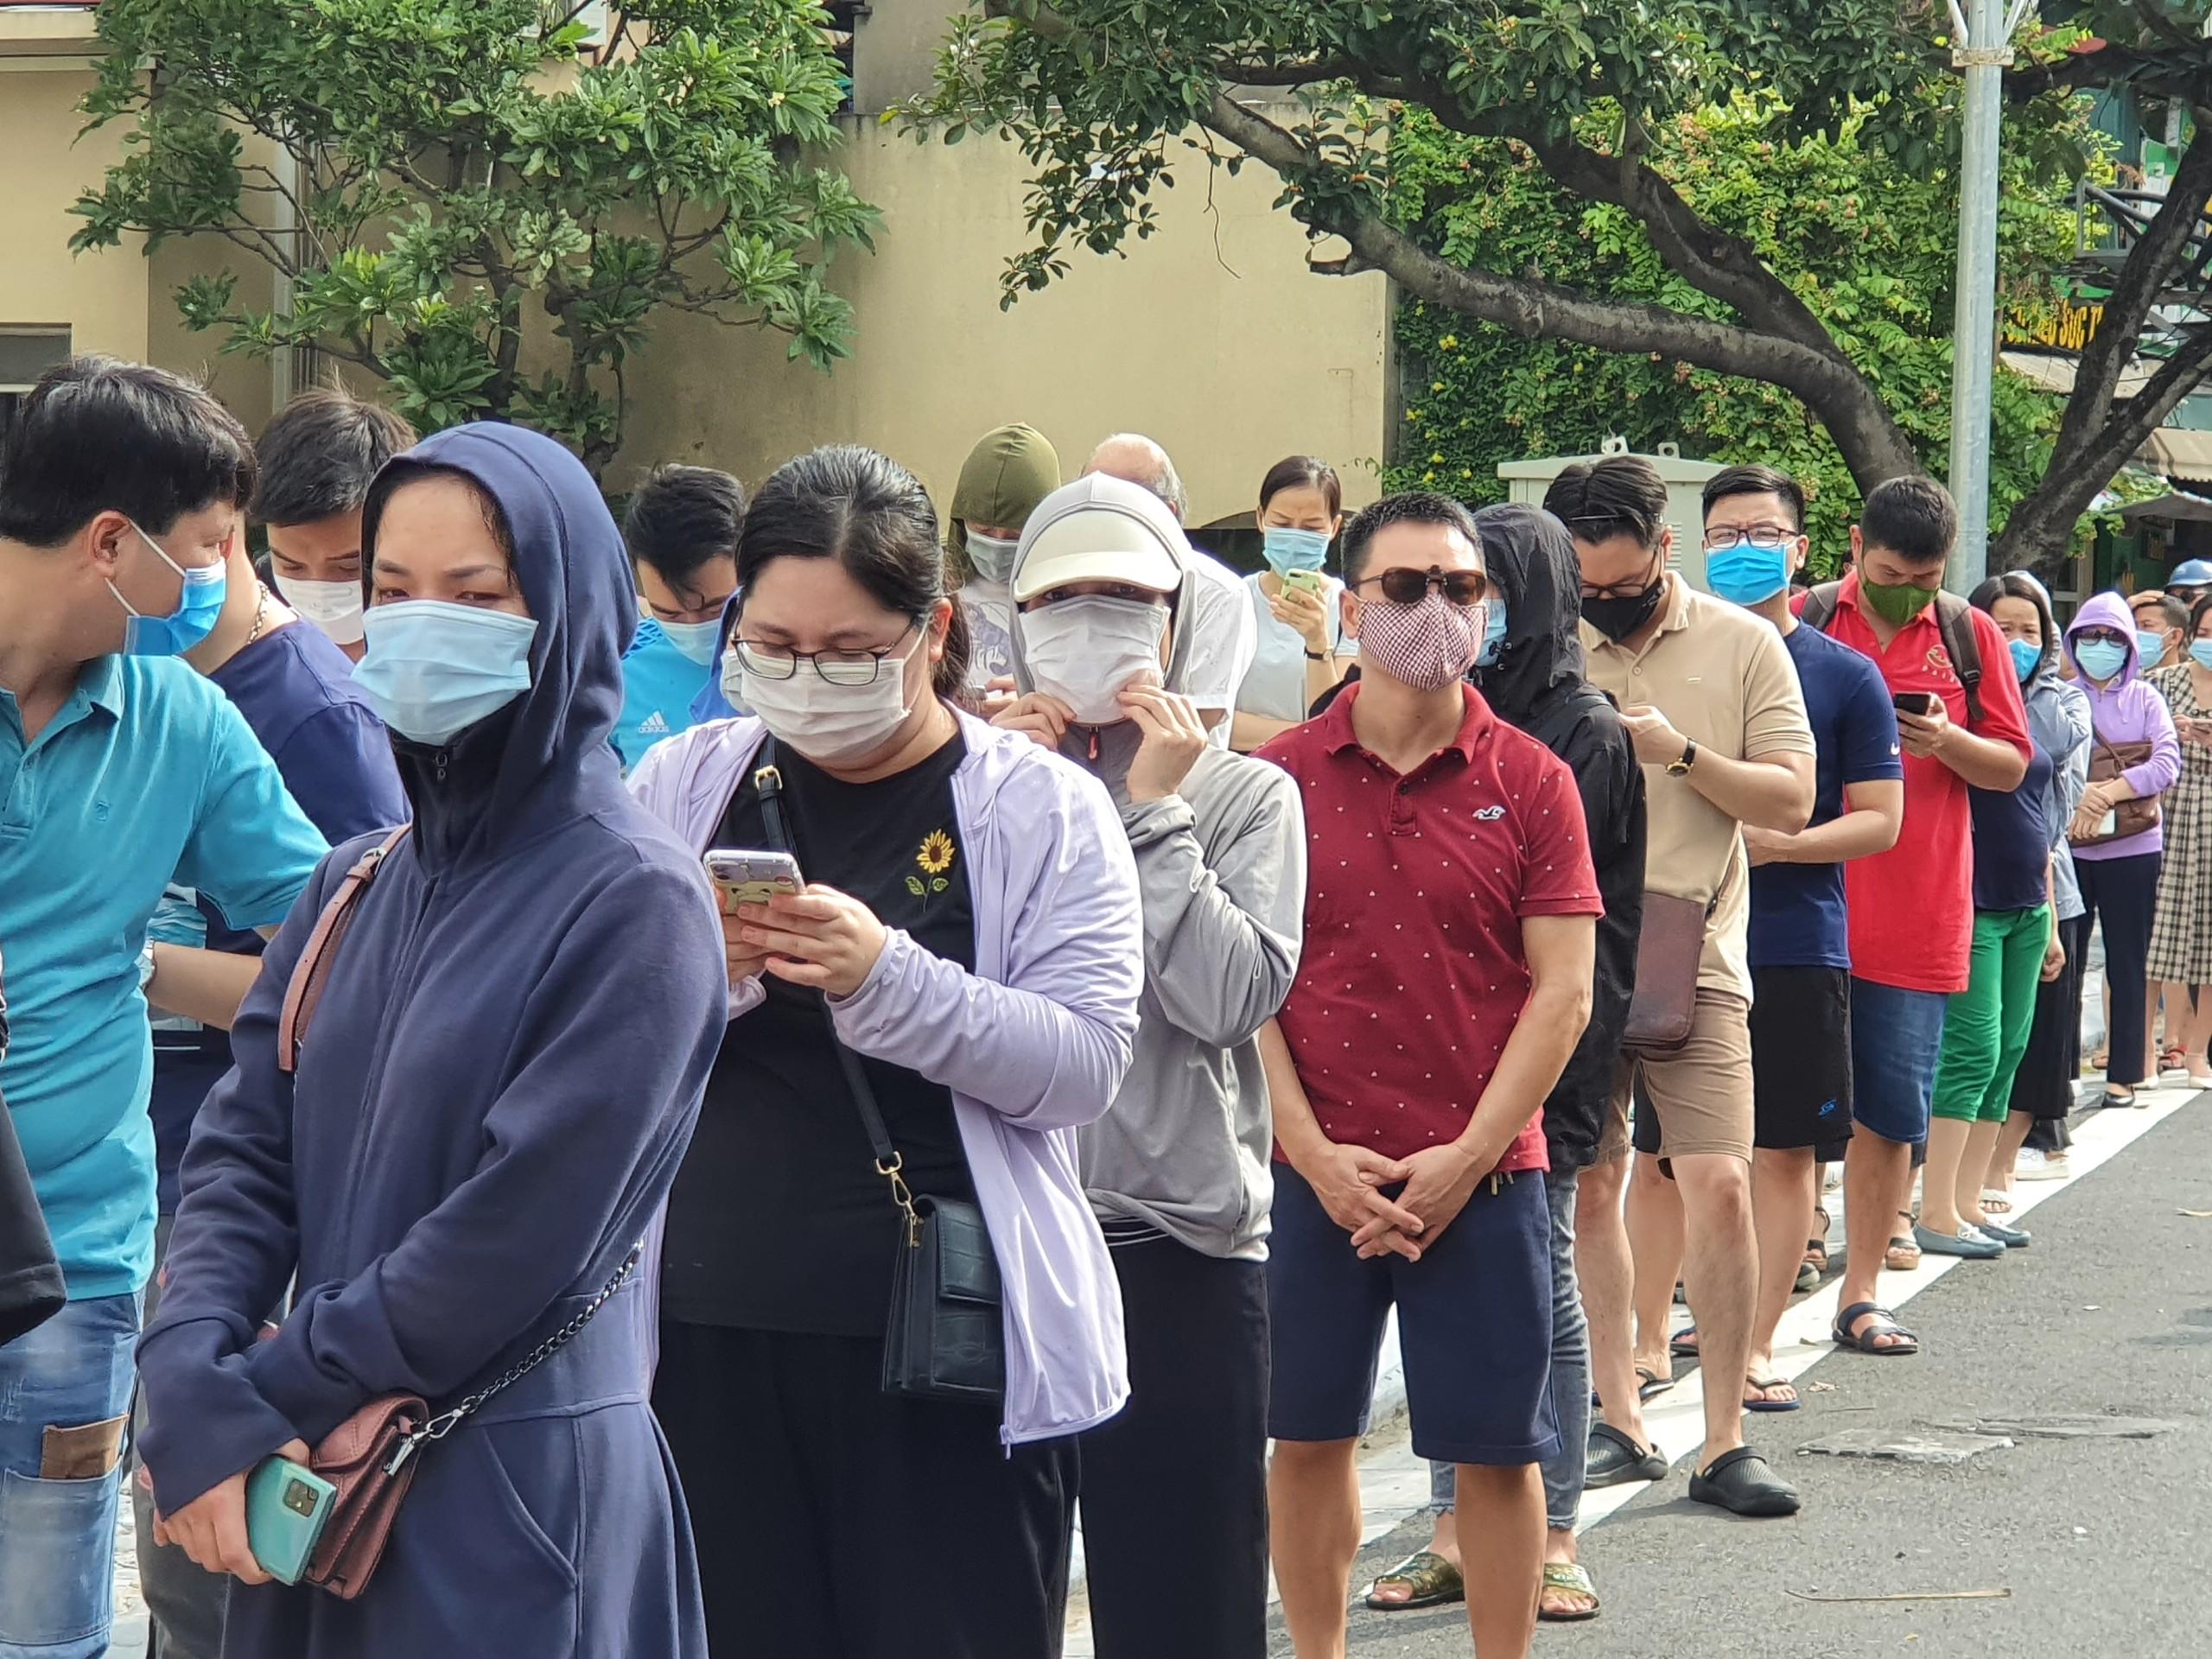 Hà Nội: Bánh trung thu truyền thống chưa 'hạ nhiệt' - Ảnh 1